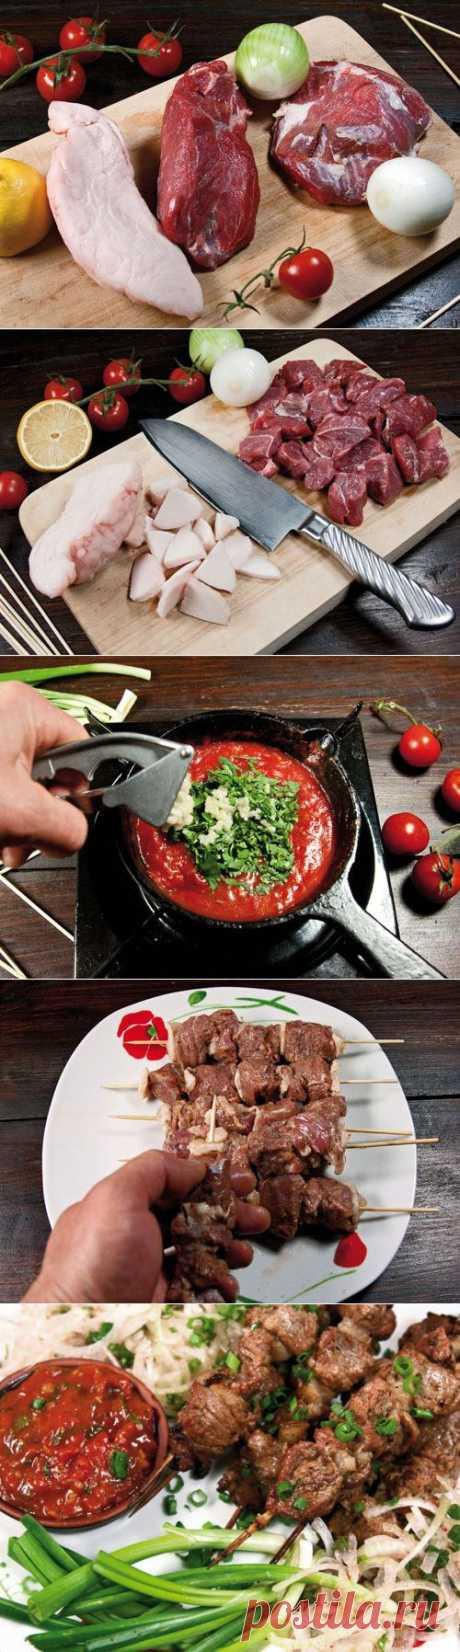 Шашлык в духовке: не хуже, чем на углях